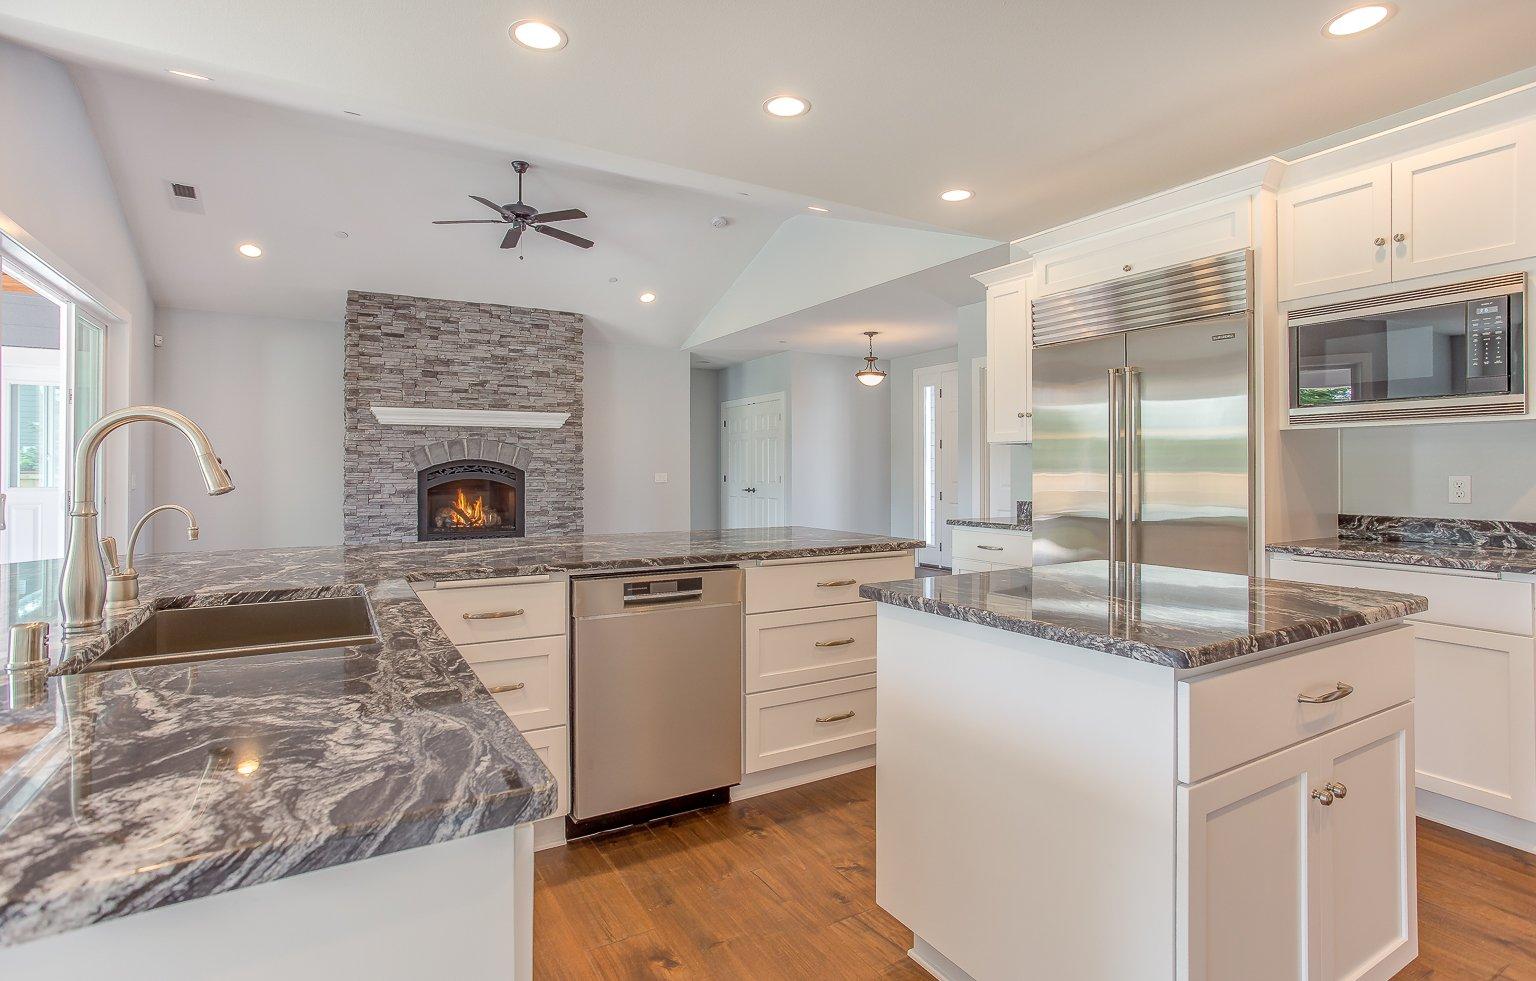 09 Kitchen Fireplace Wright